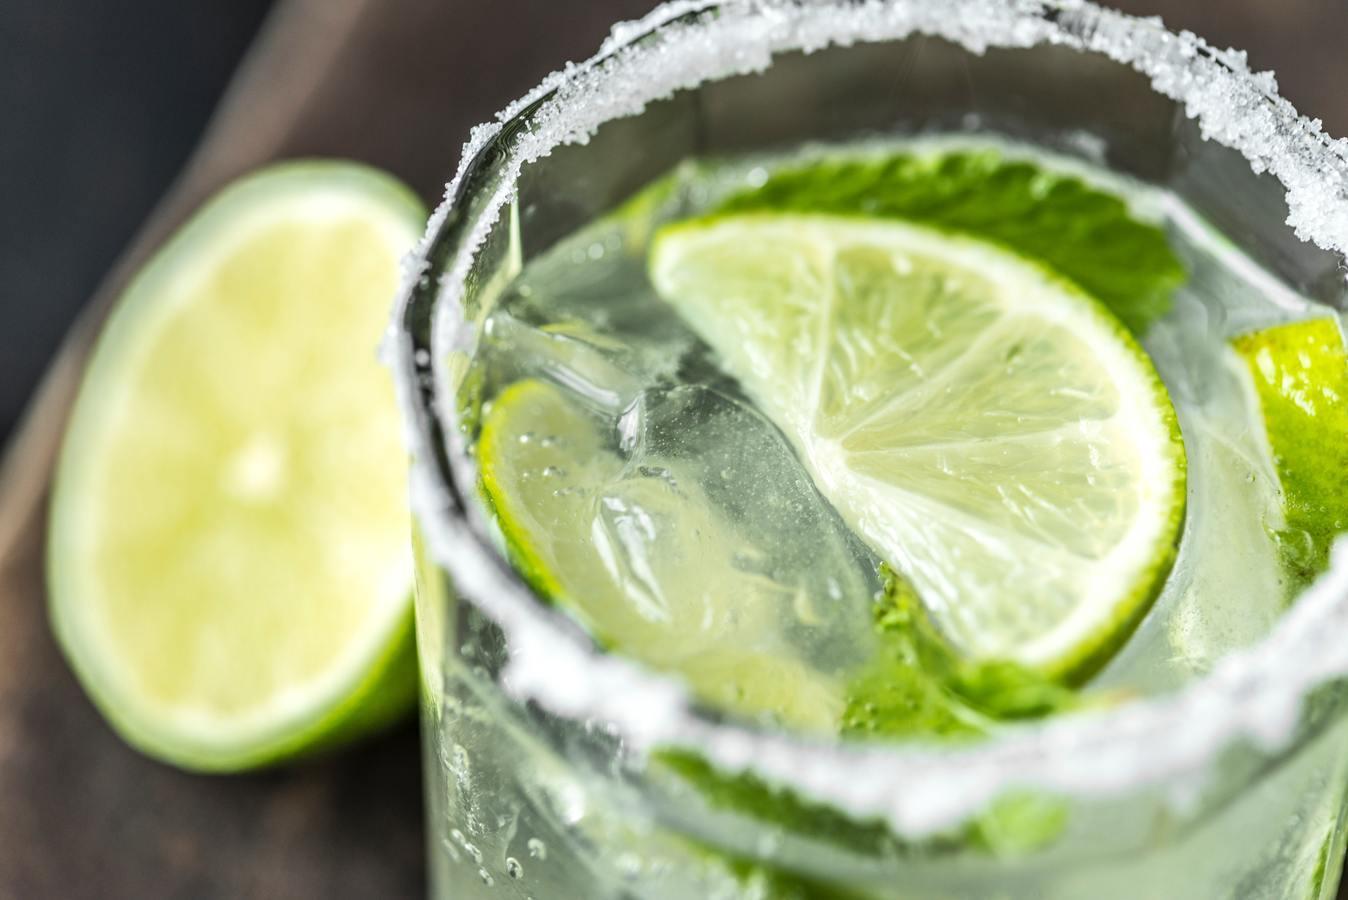 Gimlet cocktail: la ricetta originale del drink estivo al lime